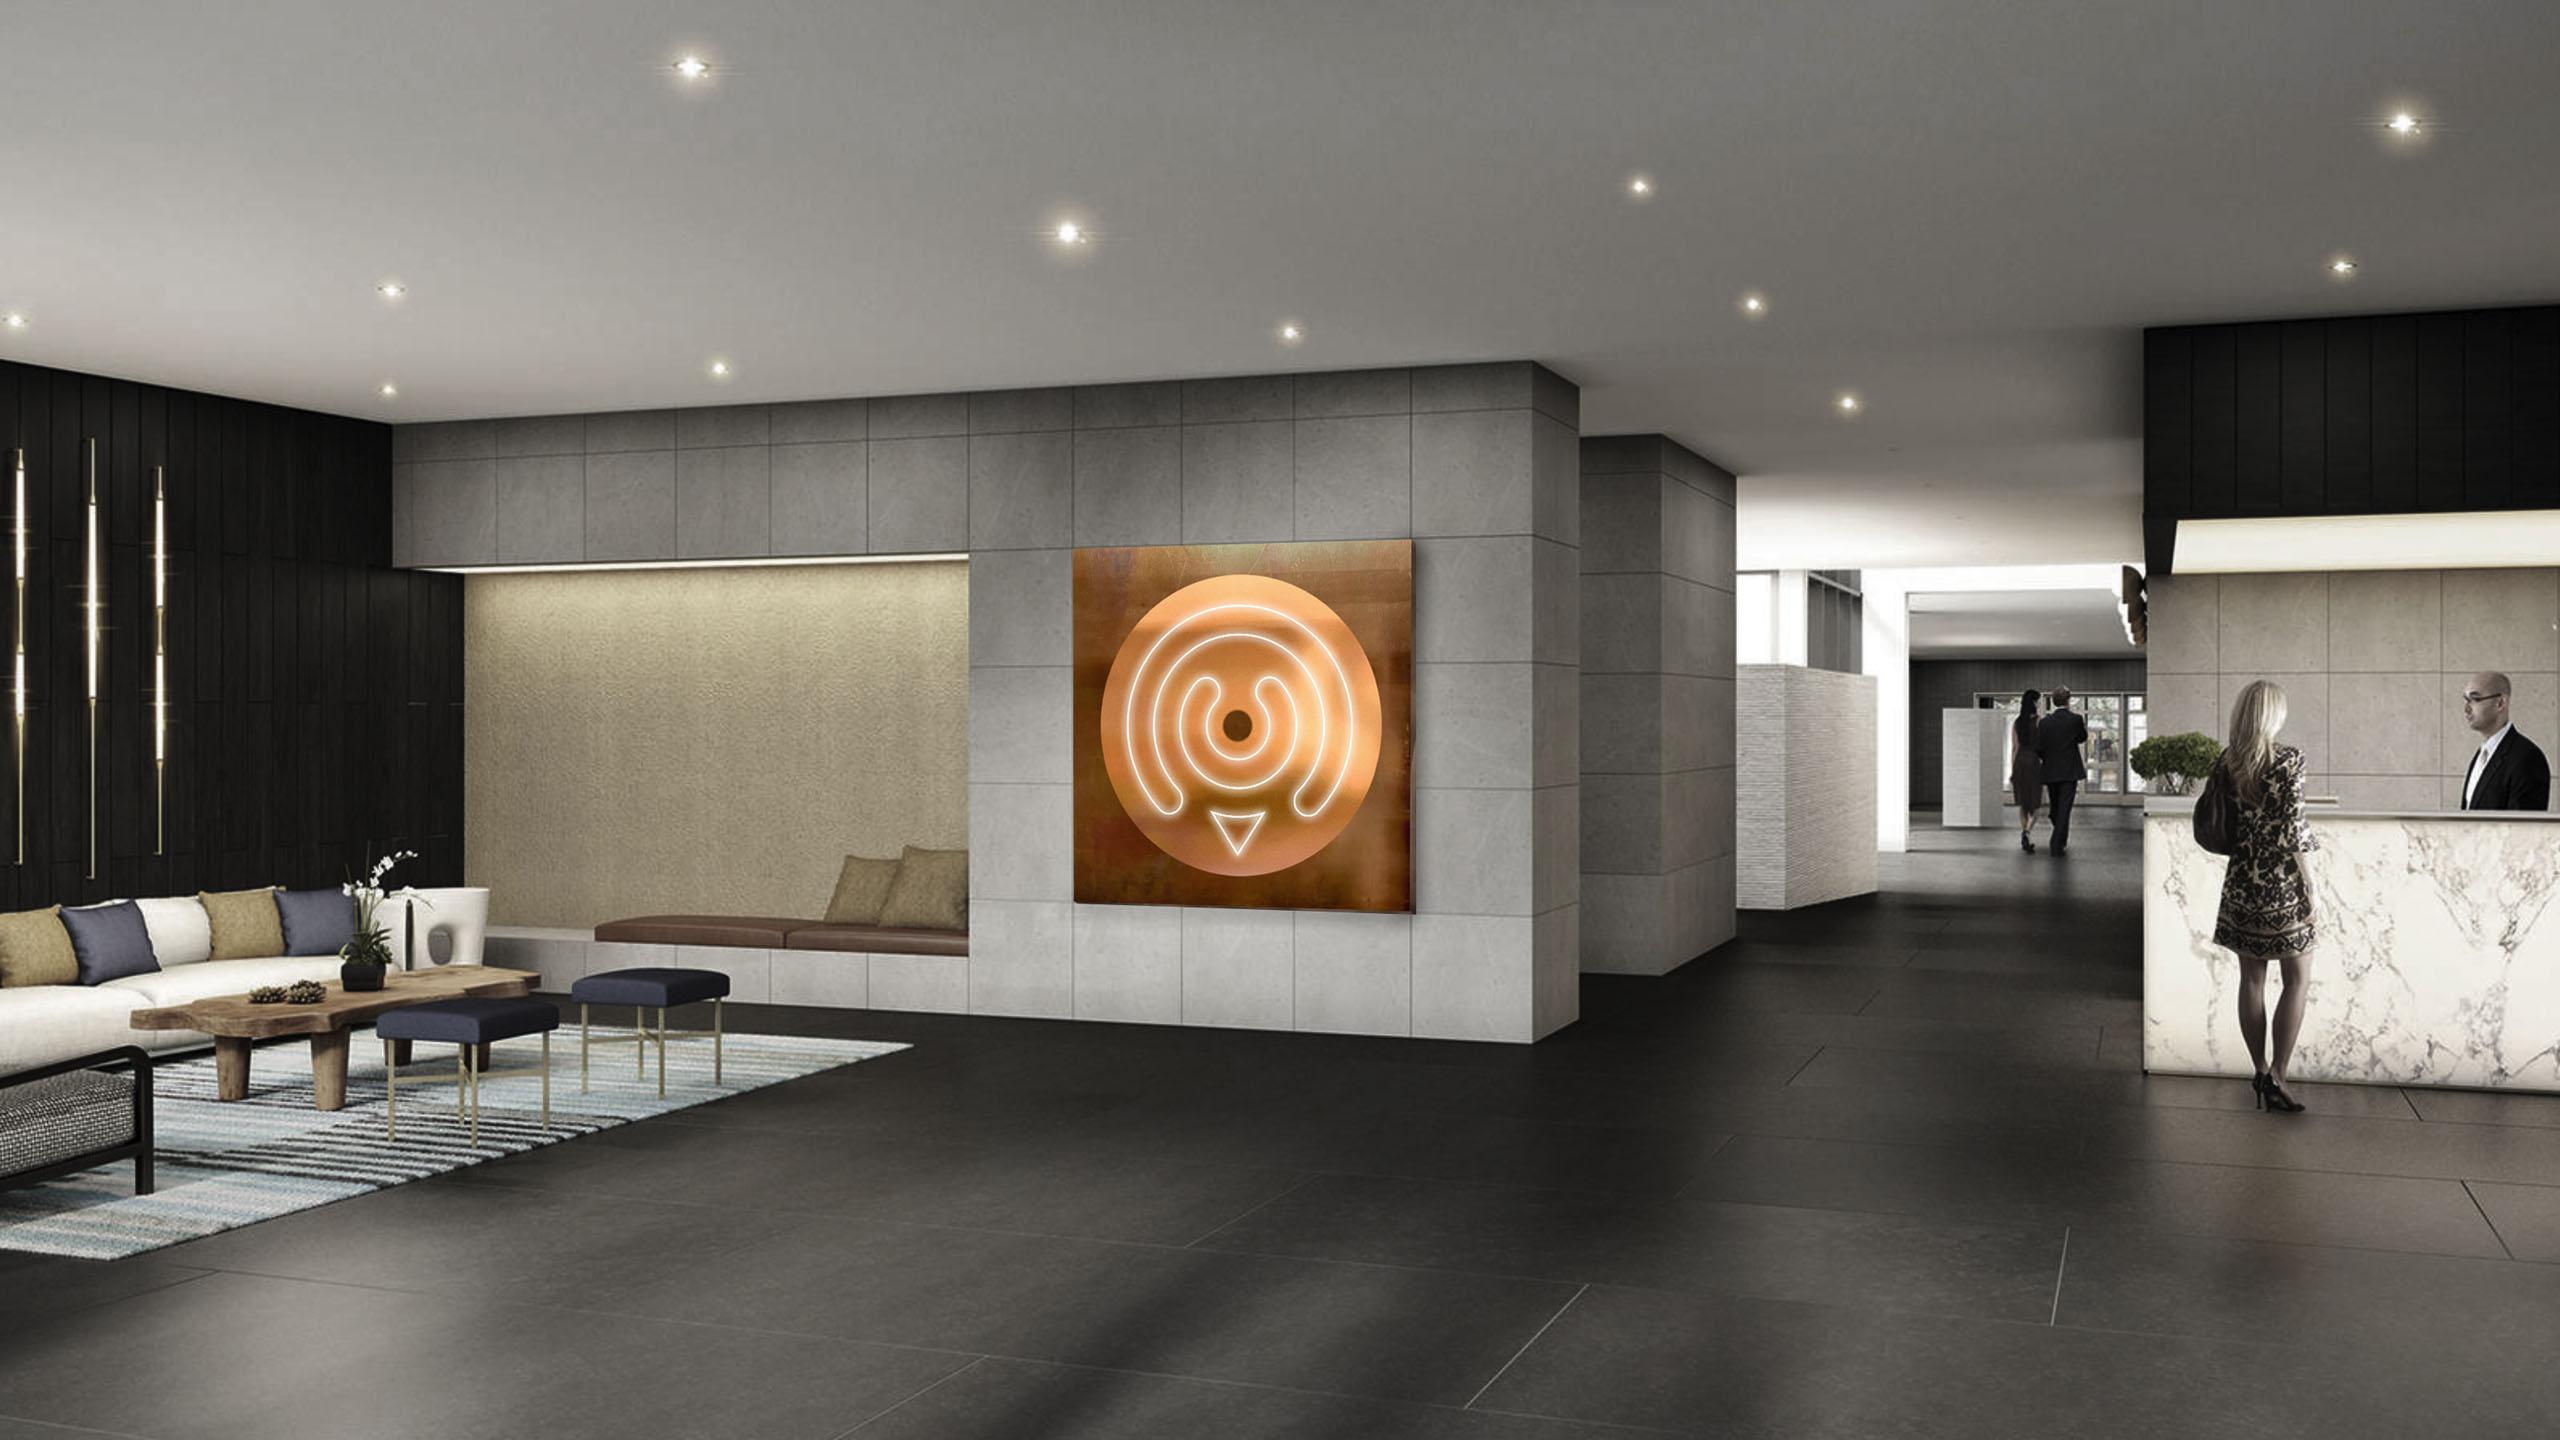 Led_Interior_Design_Light_Installation